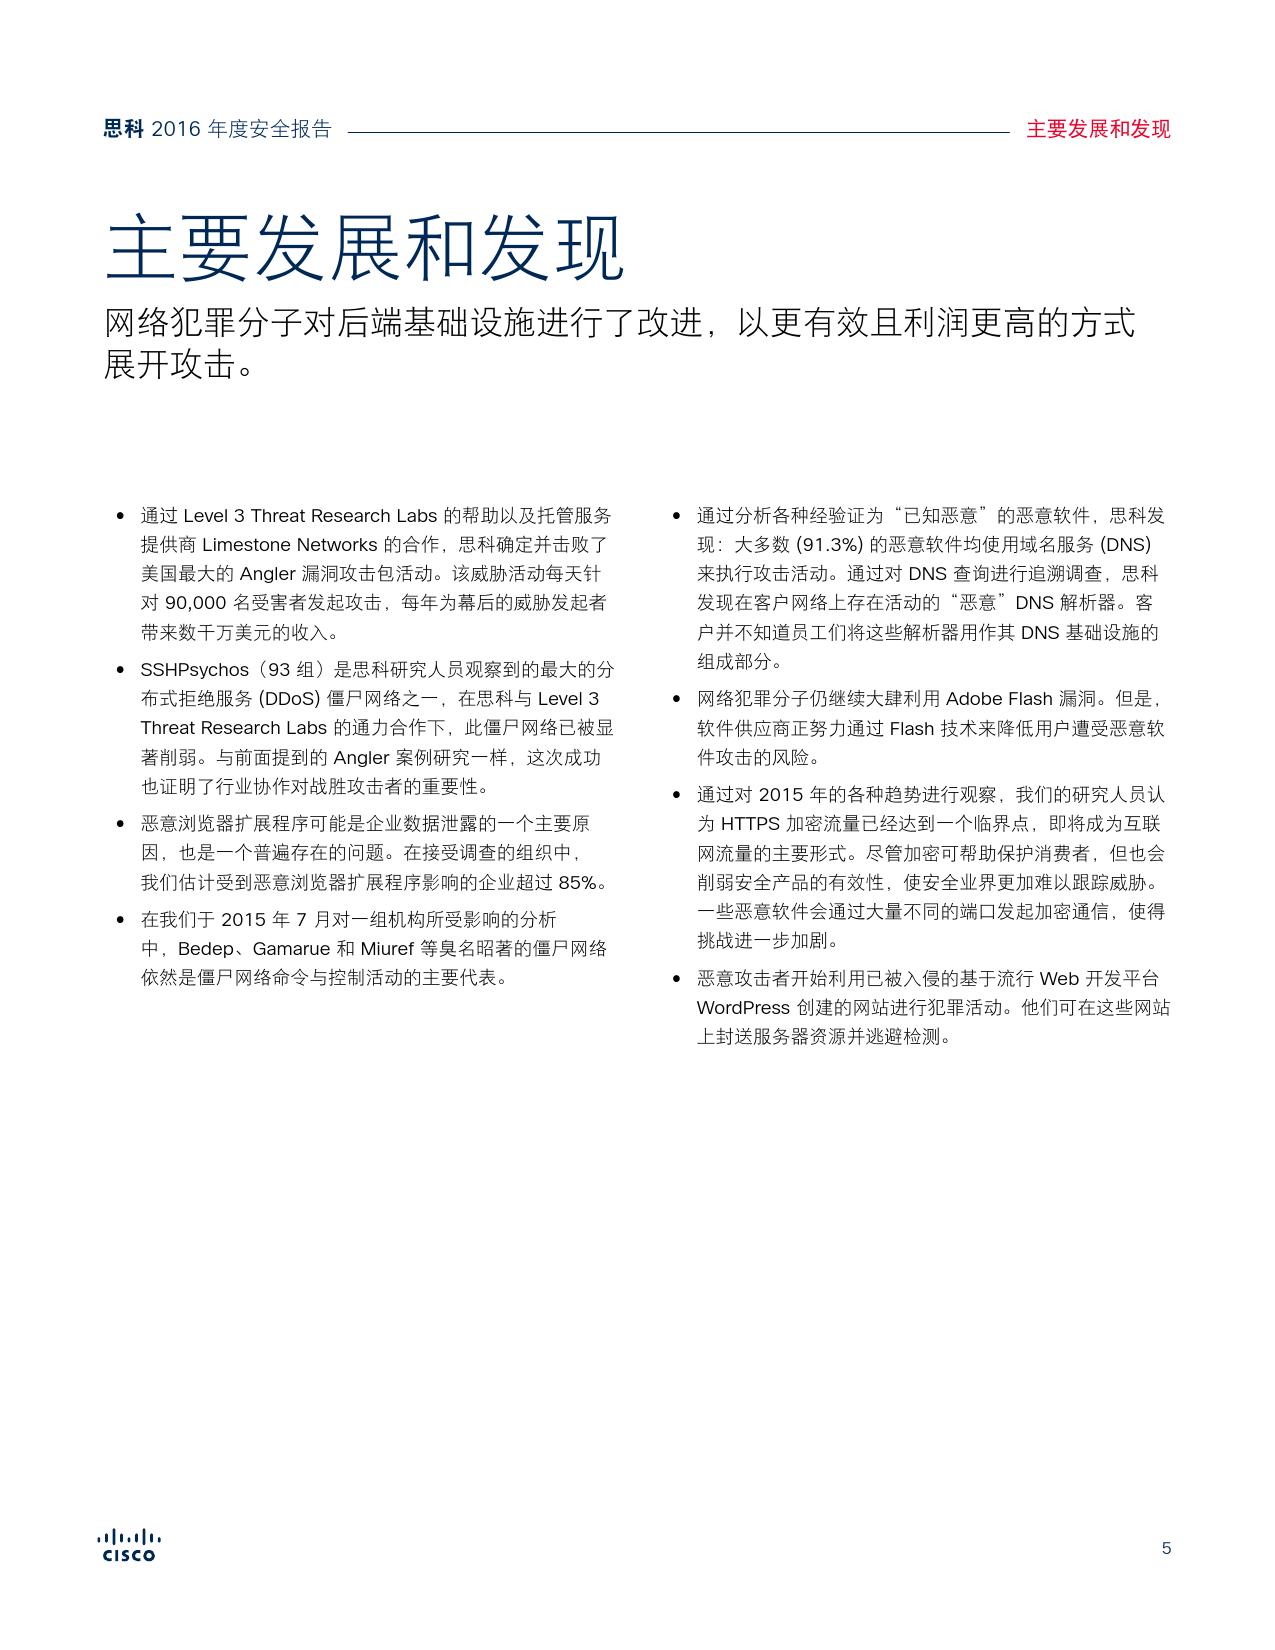 2016年中网络安全报告_000005